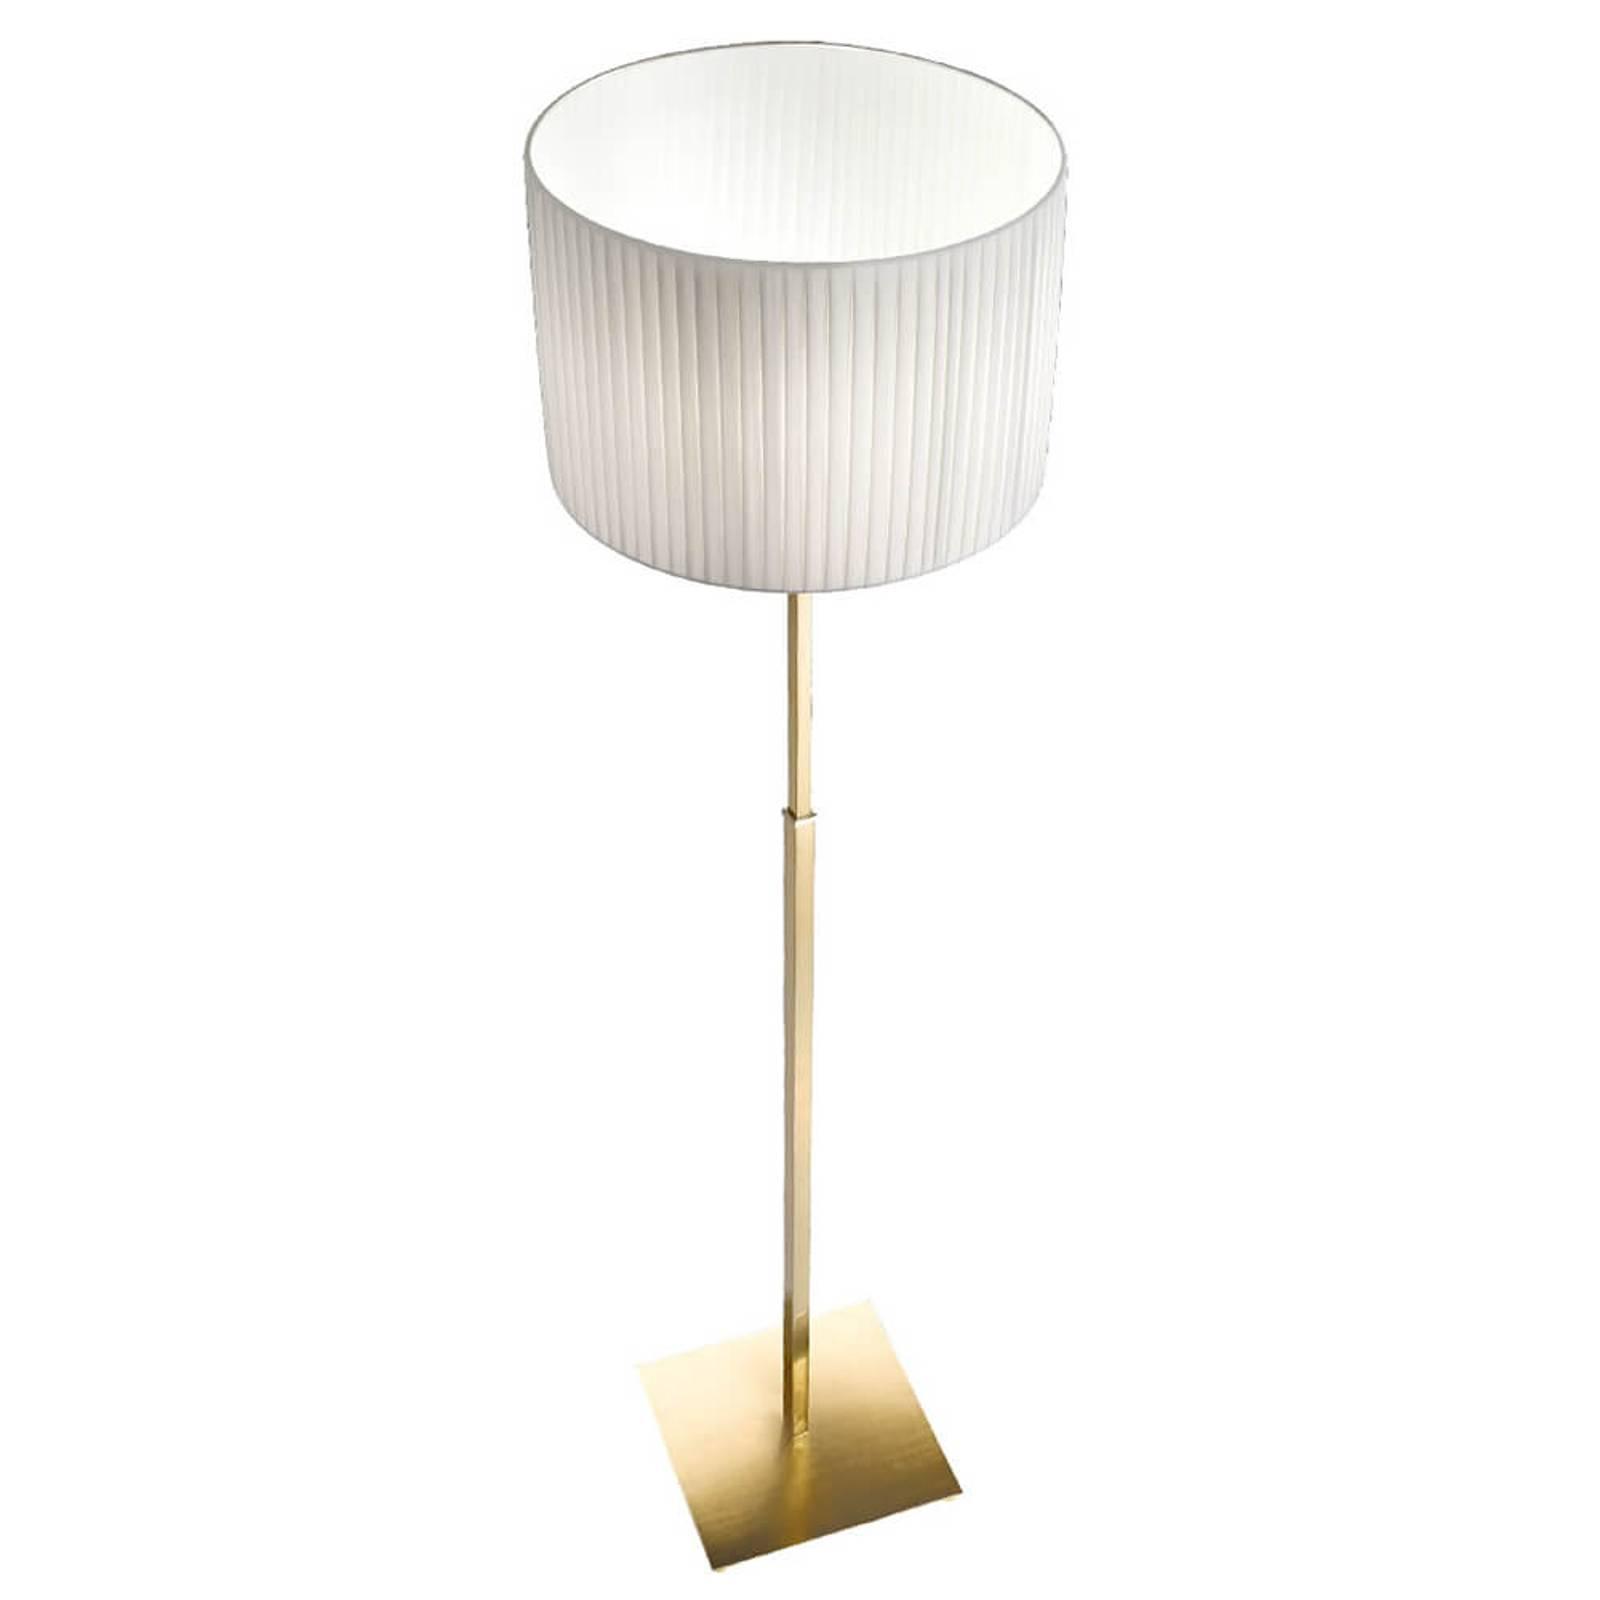 Lampa stojąca Sand z mosiężną ramą